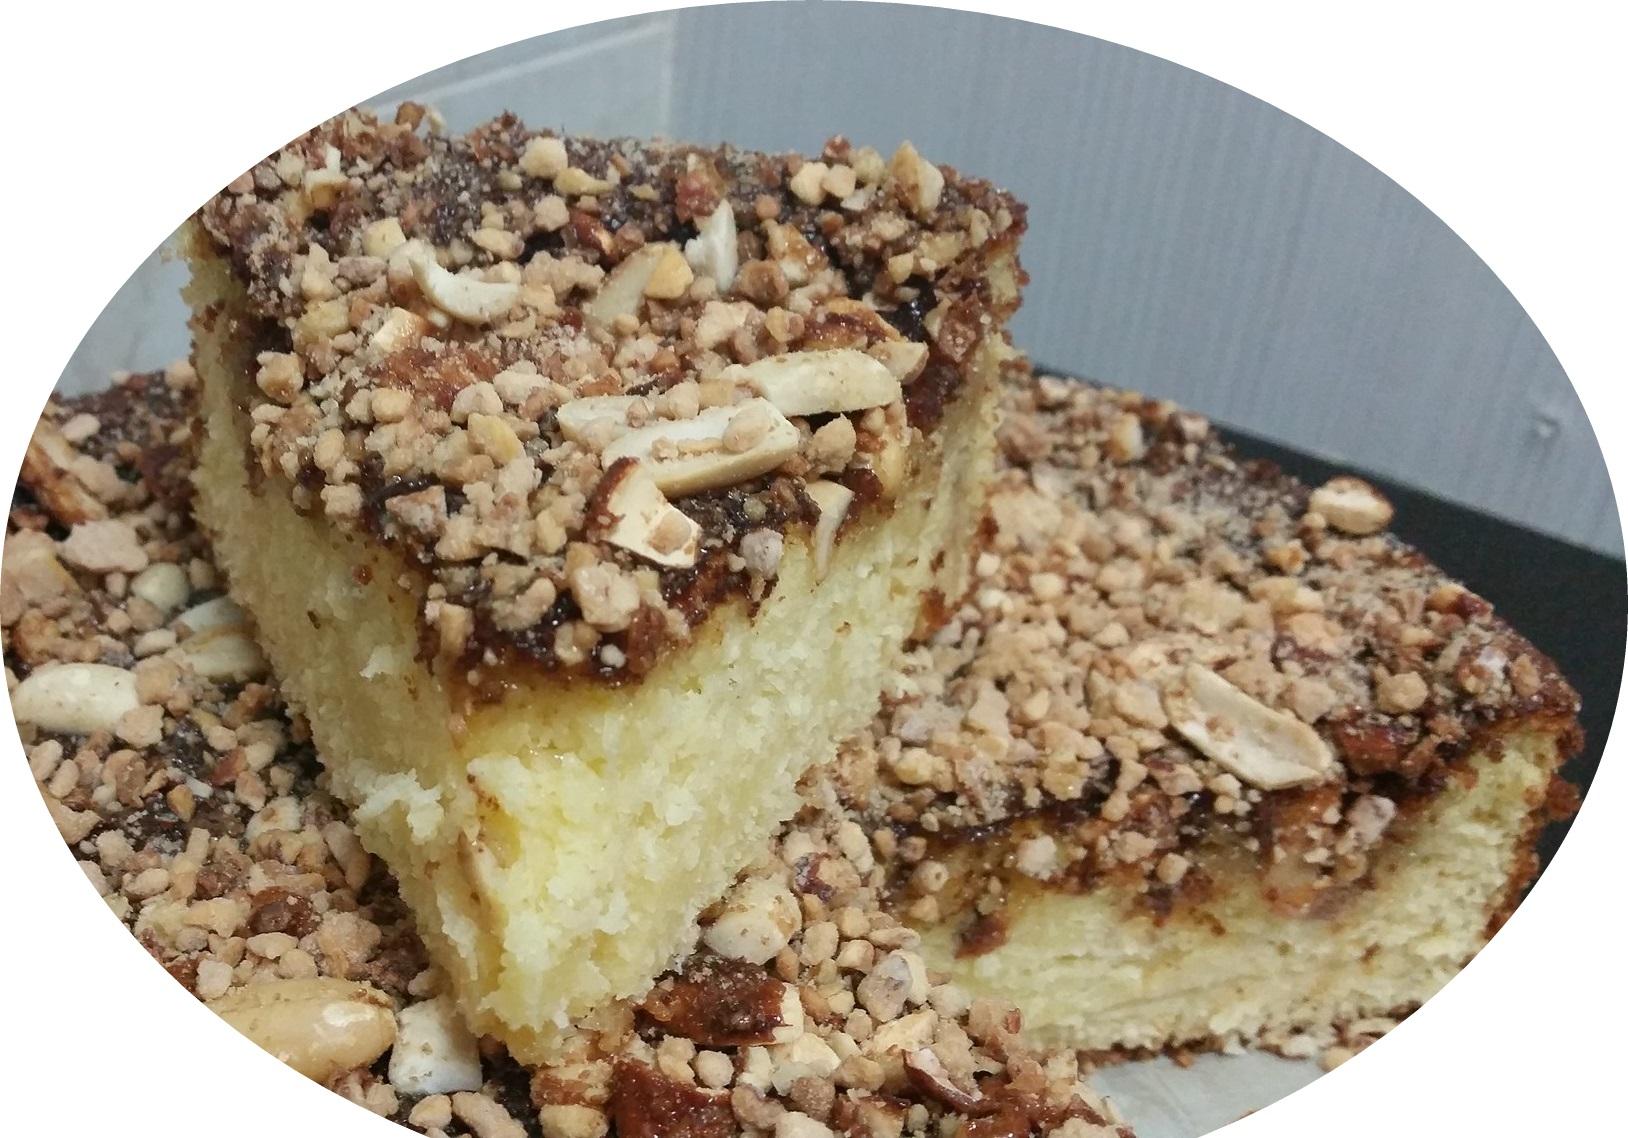 עוגת מייפל וקוקוס, עם אגוזים מקורמלים